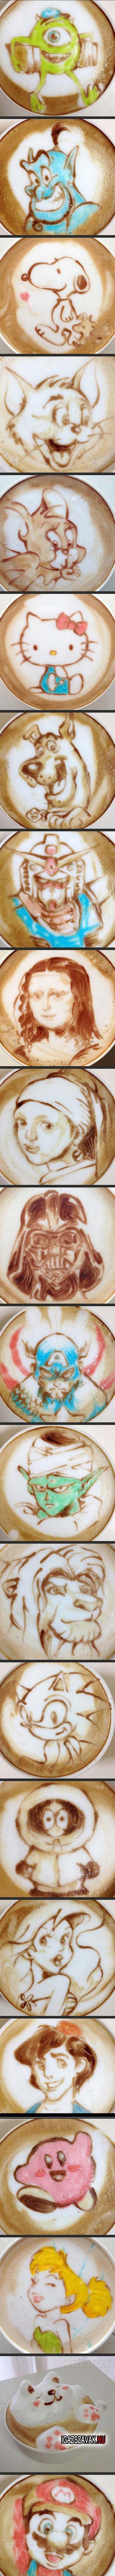 Japánban ilyen a kávéművészet